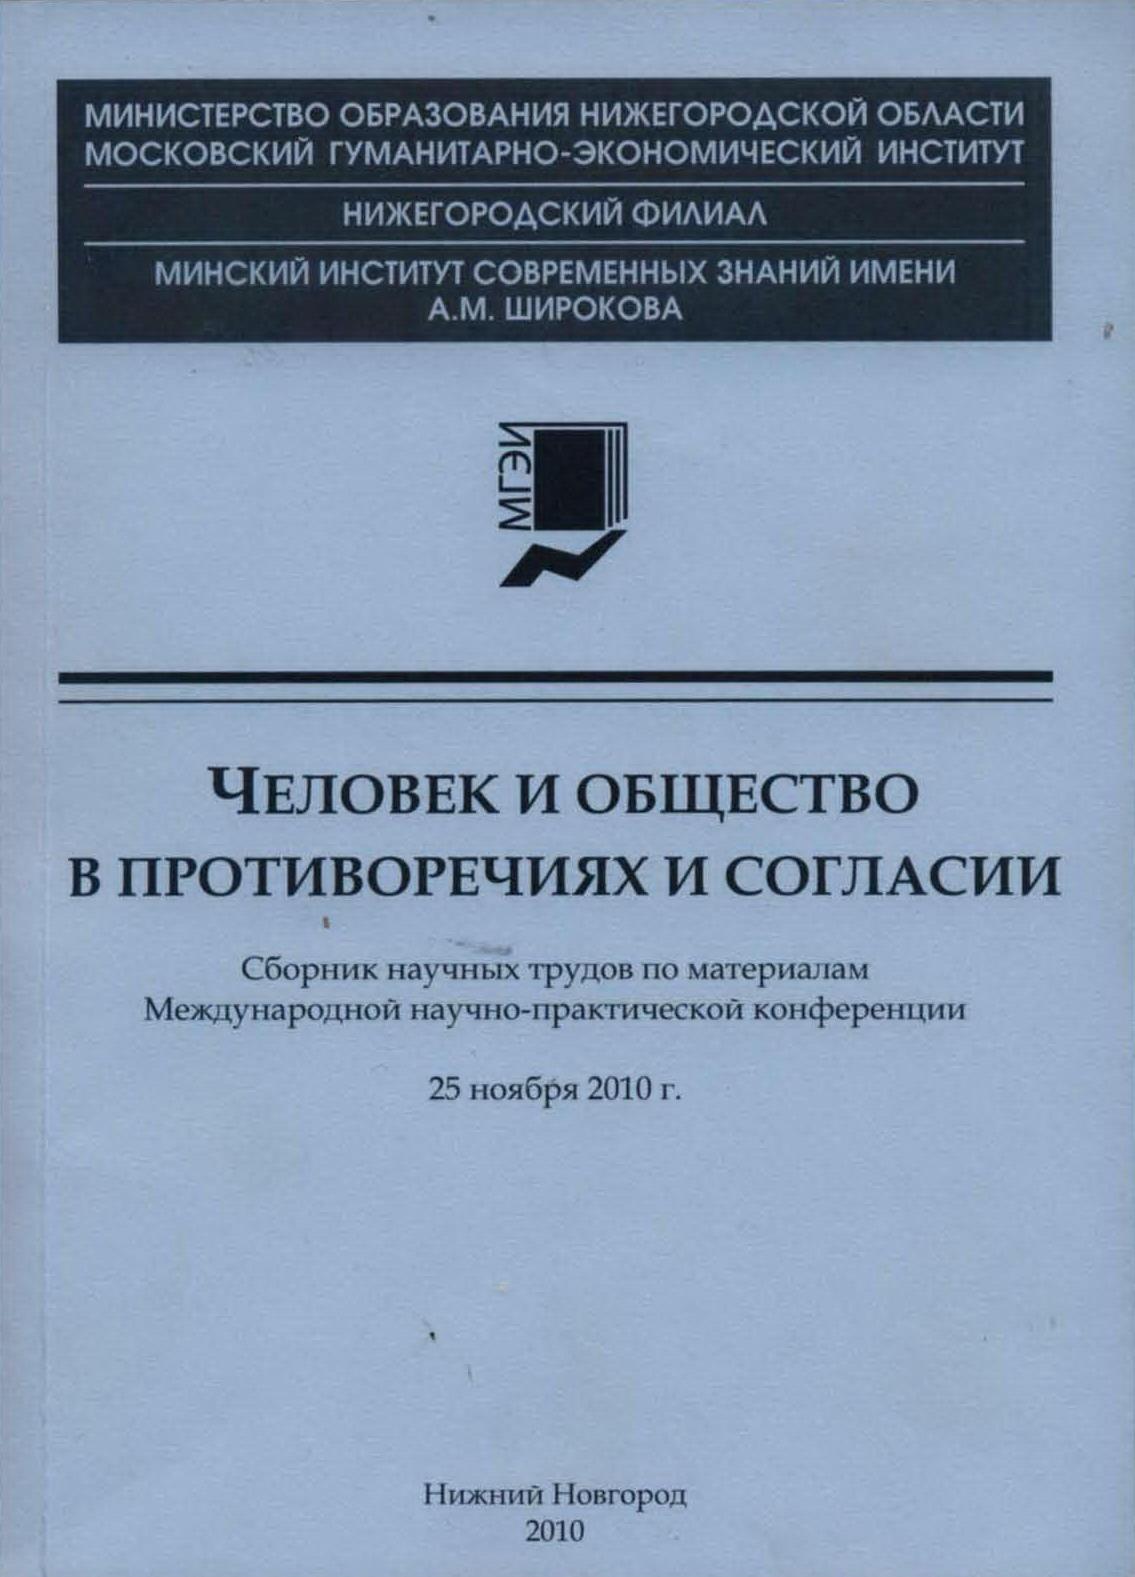 Таможенный союз России, Белоруссии и Казахстана: генезис и перспективы развития